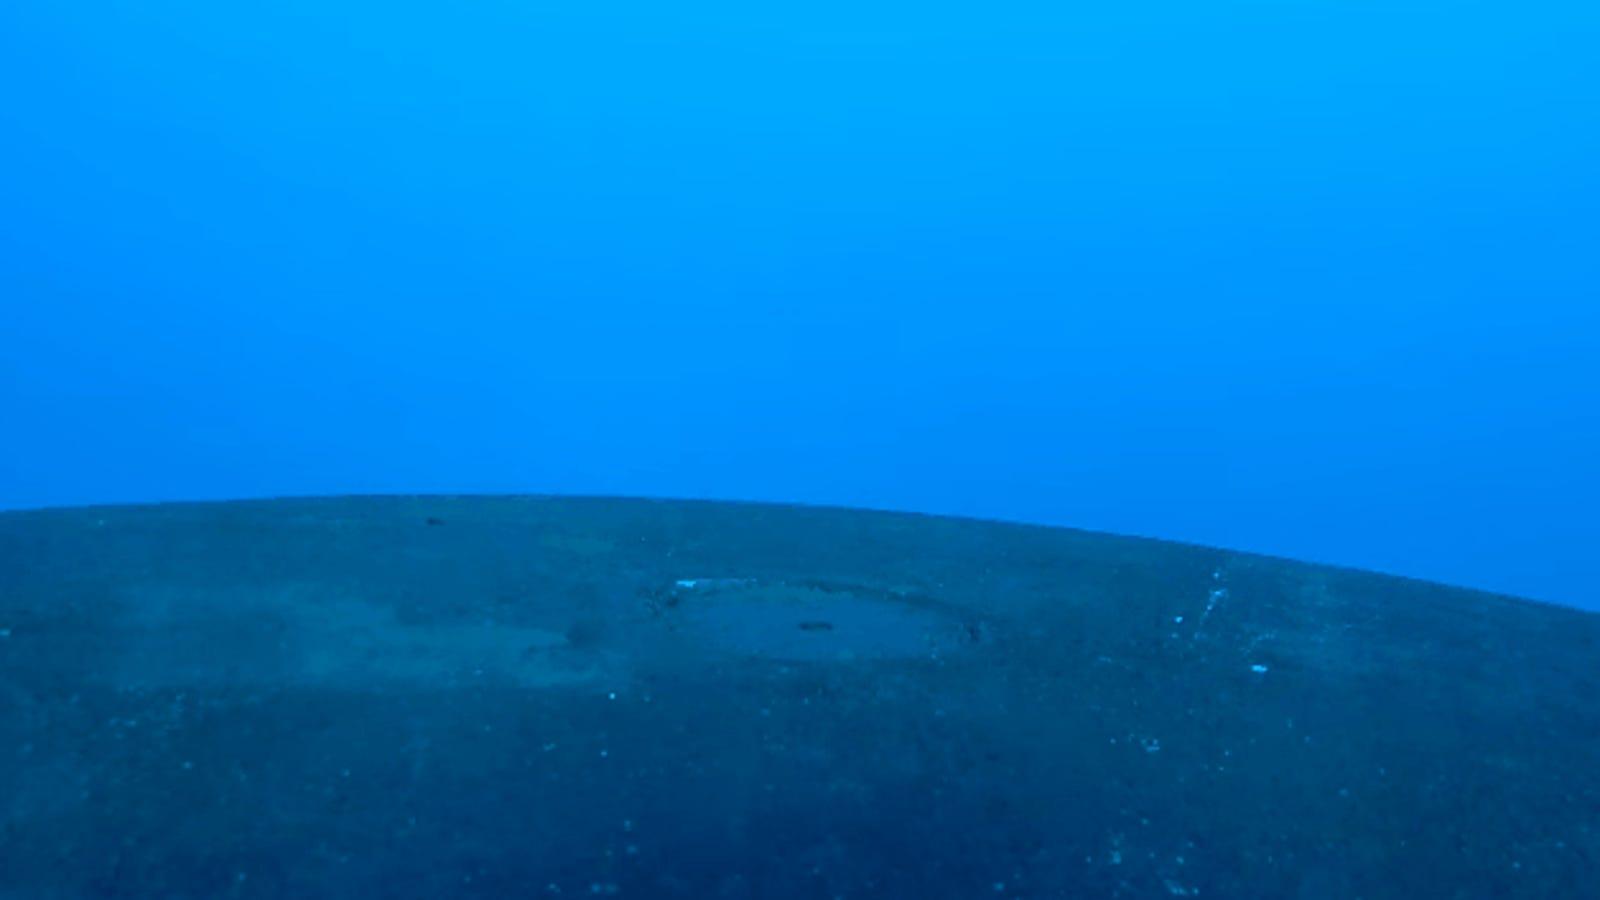 El increíble potencial destructivo de un torpedo de última tecnología: hace añicos un buque